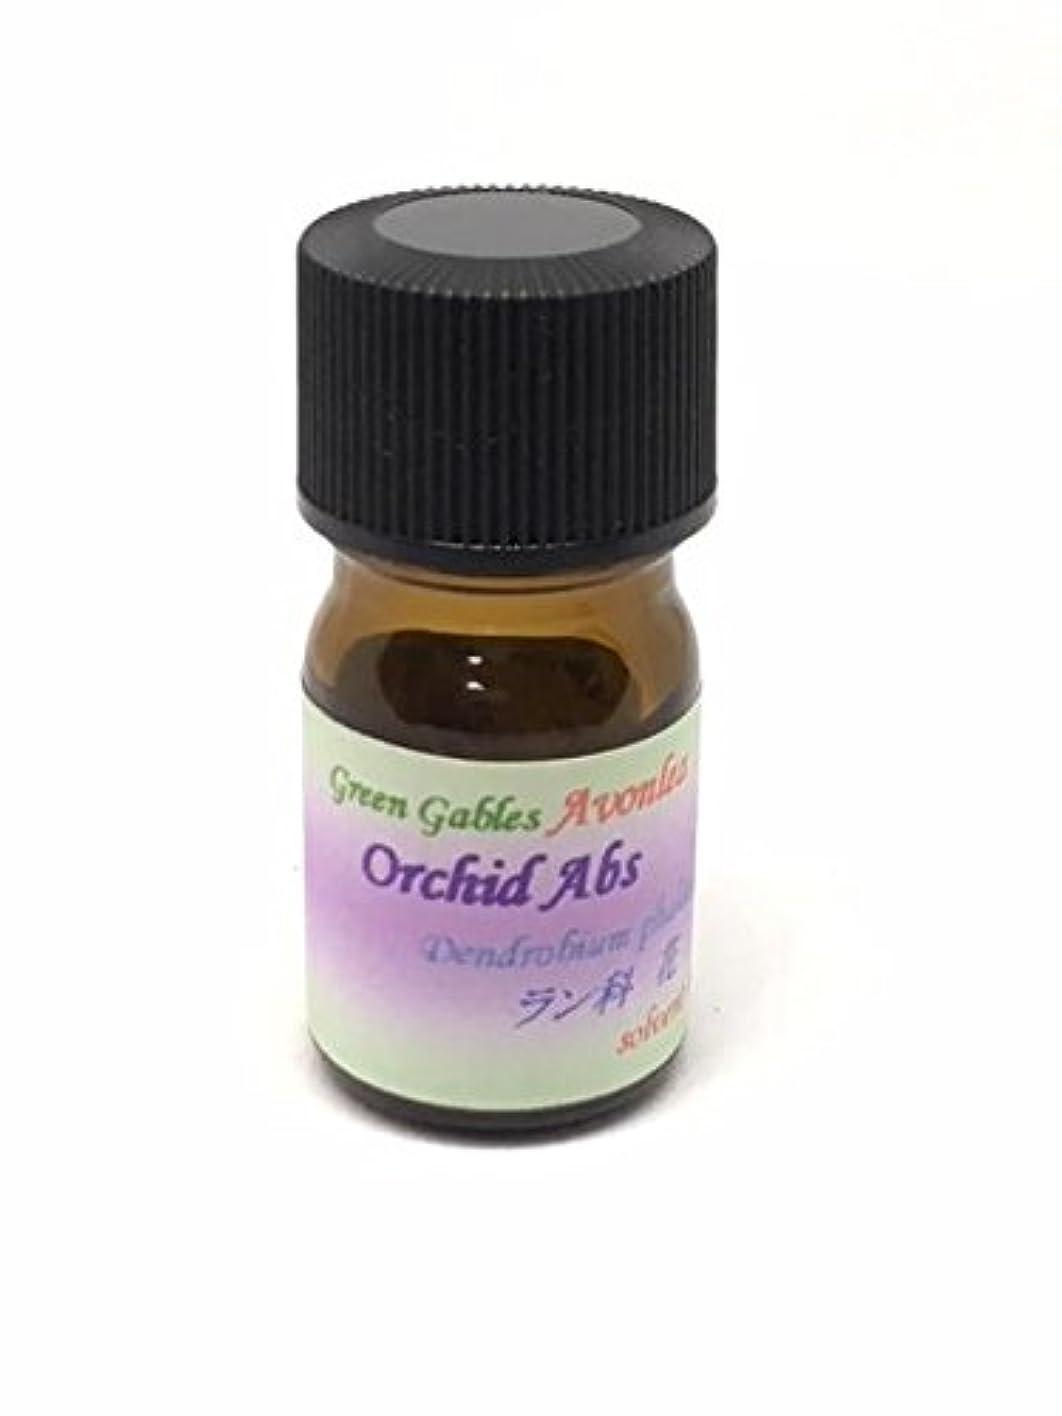 失業容器常習的令和の花香るオーキッドAbs100%ピュアエッセンシャルオイル 蘭花の精油 OrchidAbs (10ml)